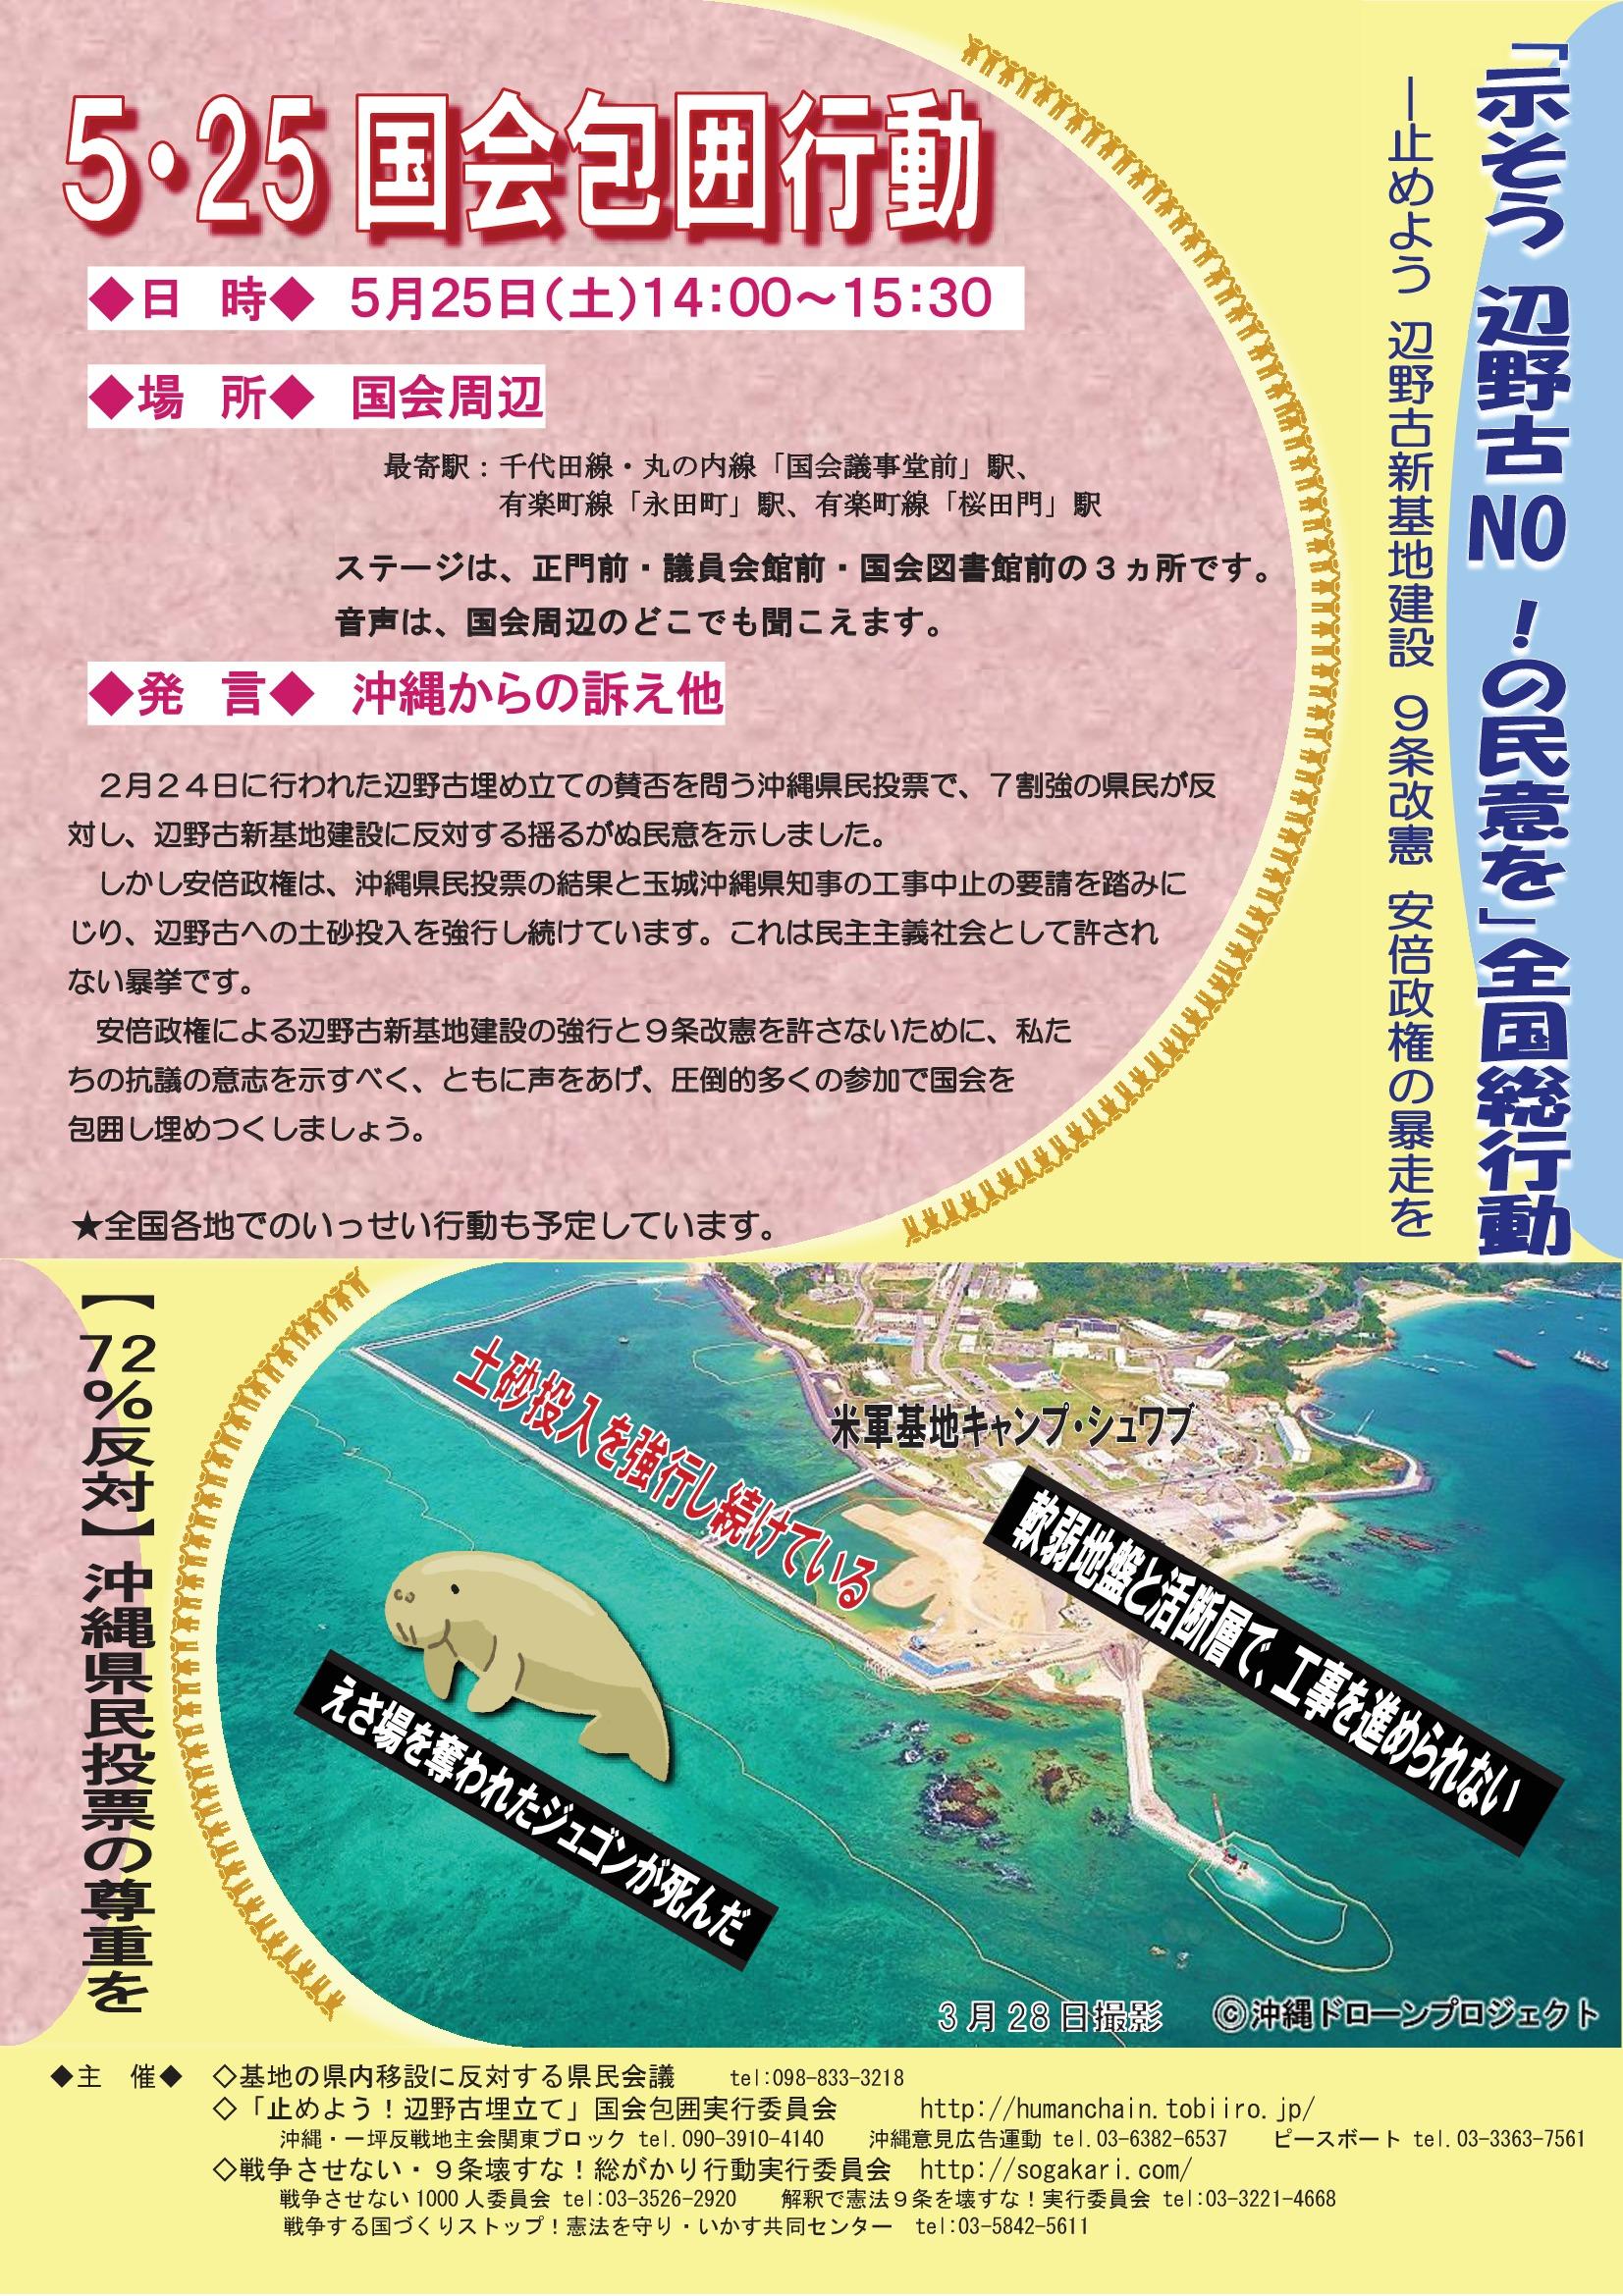 止めよう辺野古新基地建設・9条改憲・安倍政権の暴走を!5・25国会包囲行動